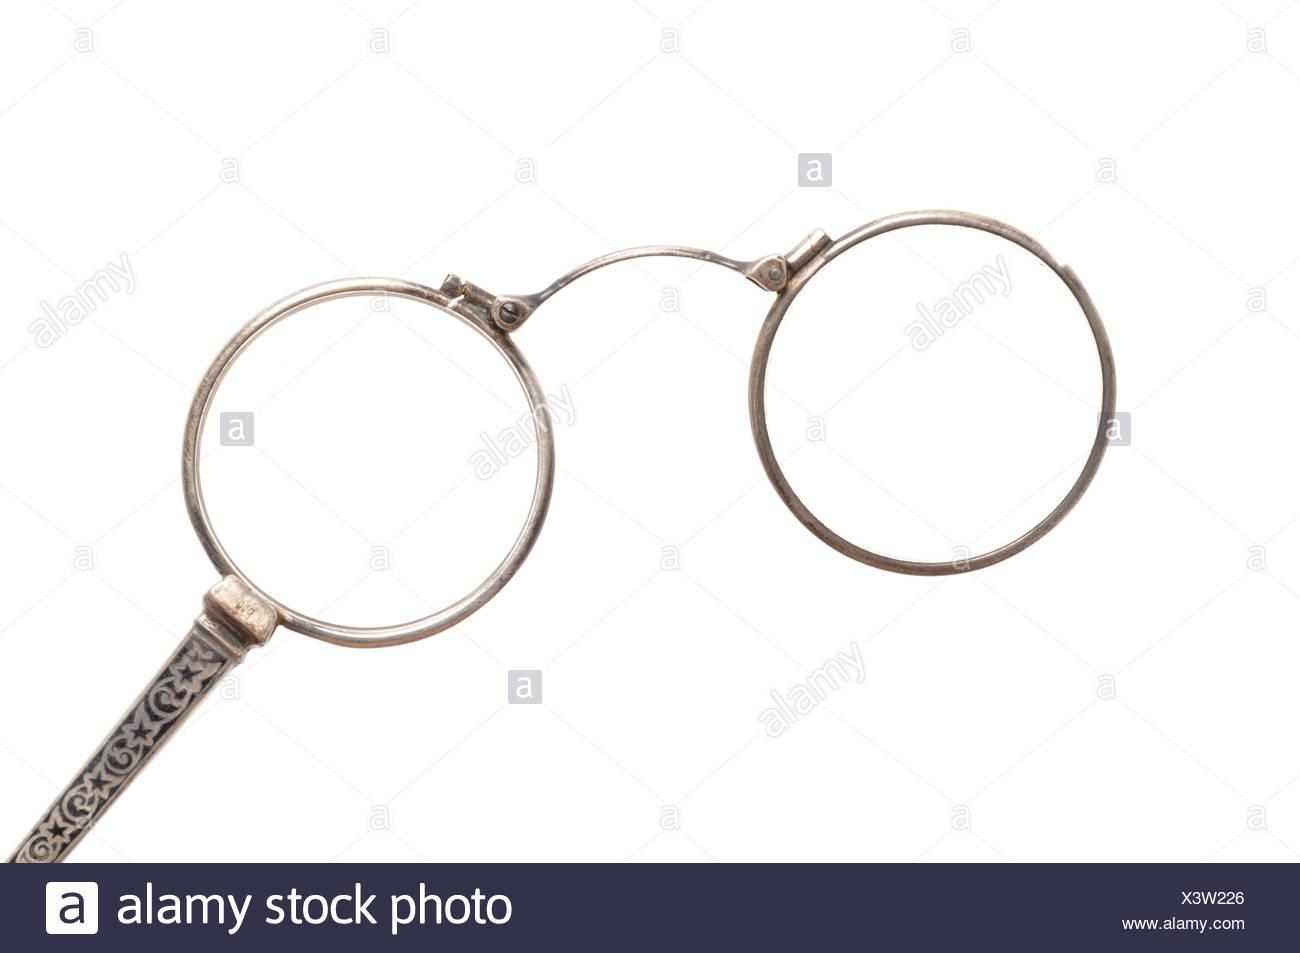 eeb710ada4 Isolés, antique, lunettes, lunettes, lunettes, vieux, argent, autrefois,